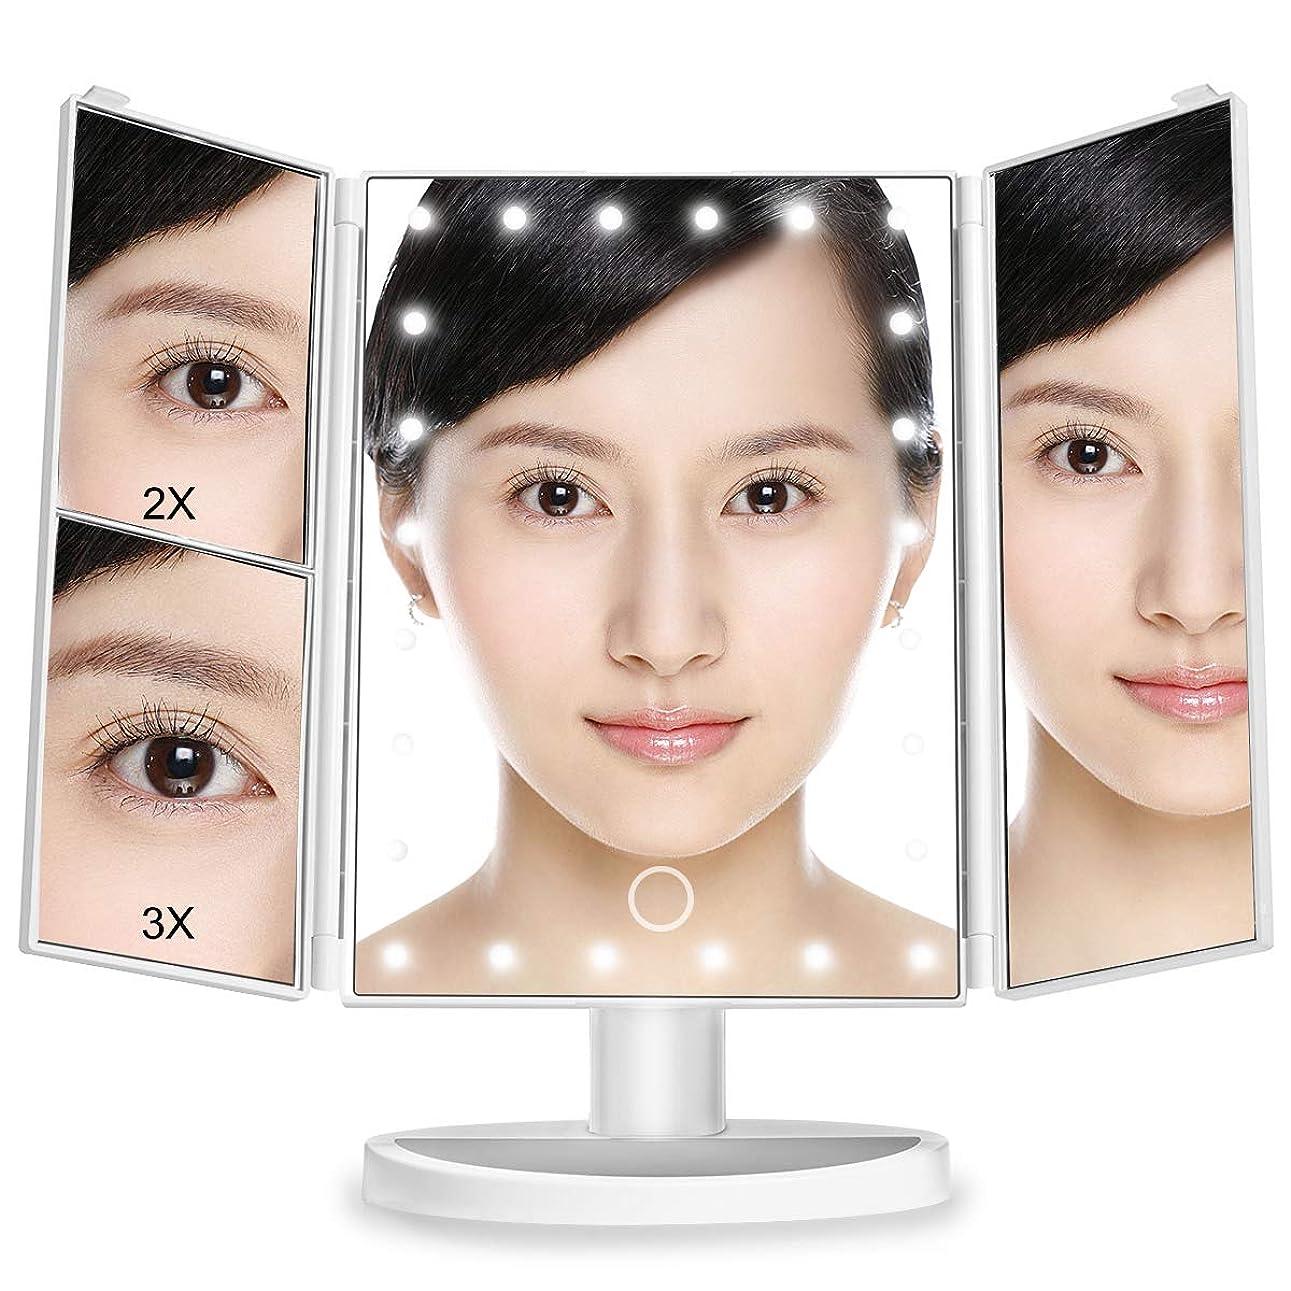 小麦粉弁護人部分的に女優ミラー 三面鏡 鏡 led 卓上鏡 化粧鏡 化粧ミラー 鏡 折りたたみ式 ledライト付き 明るさ調整可能 2&3倍拡大鏡付 180 °回転 電池&USB 2WAY給電